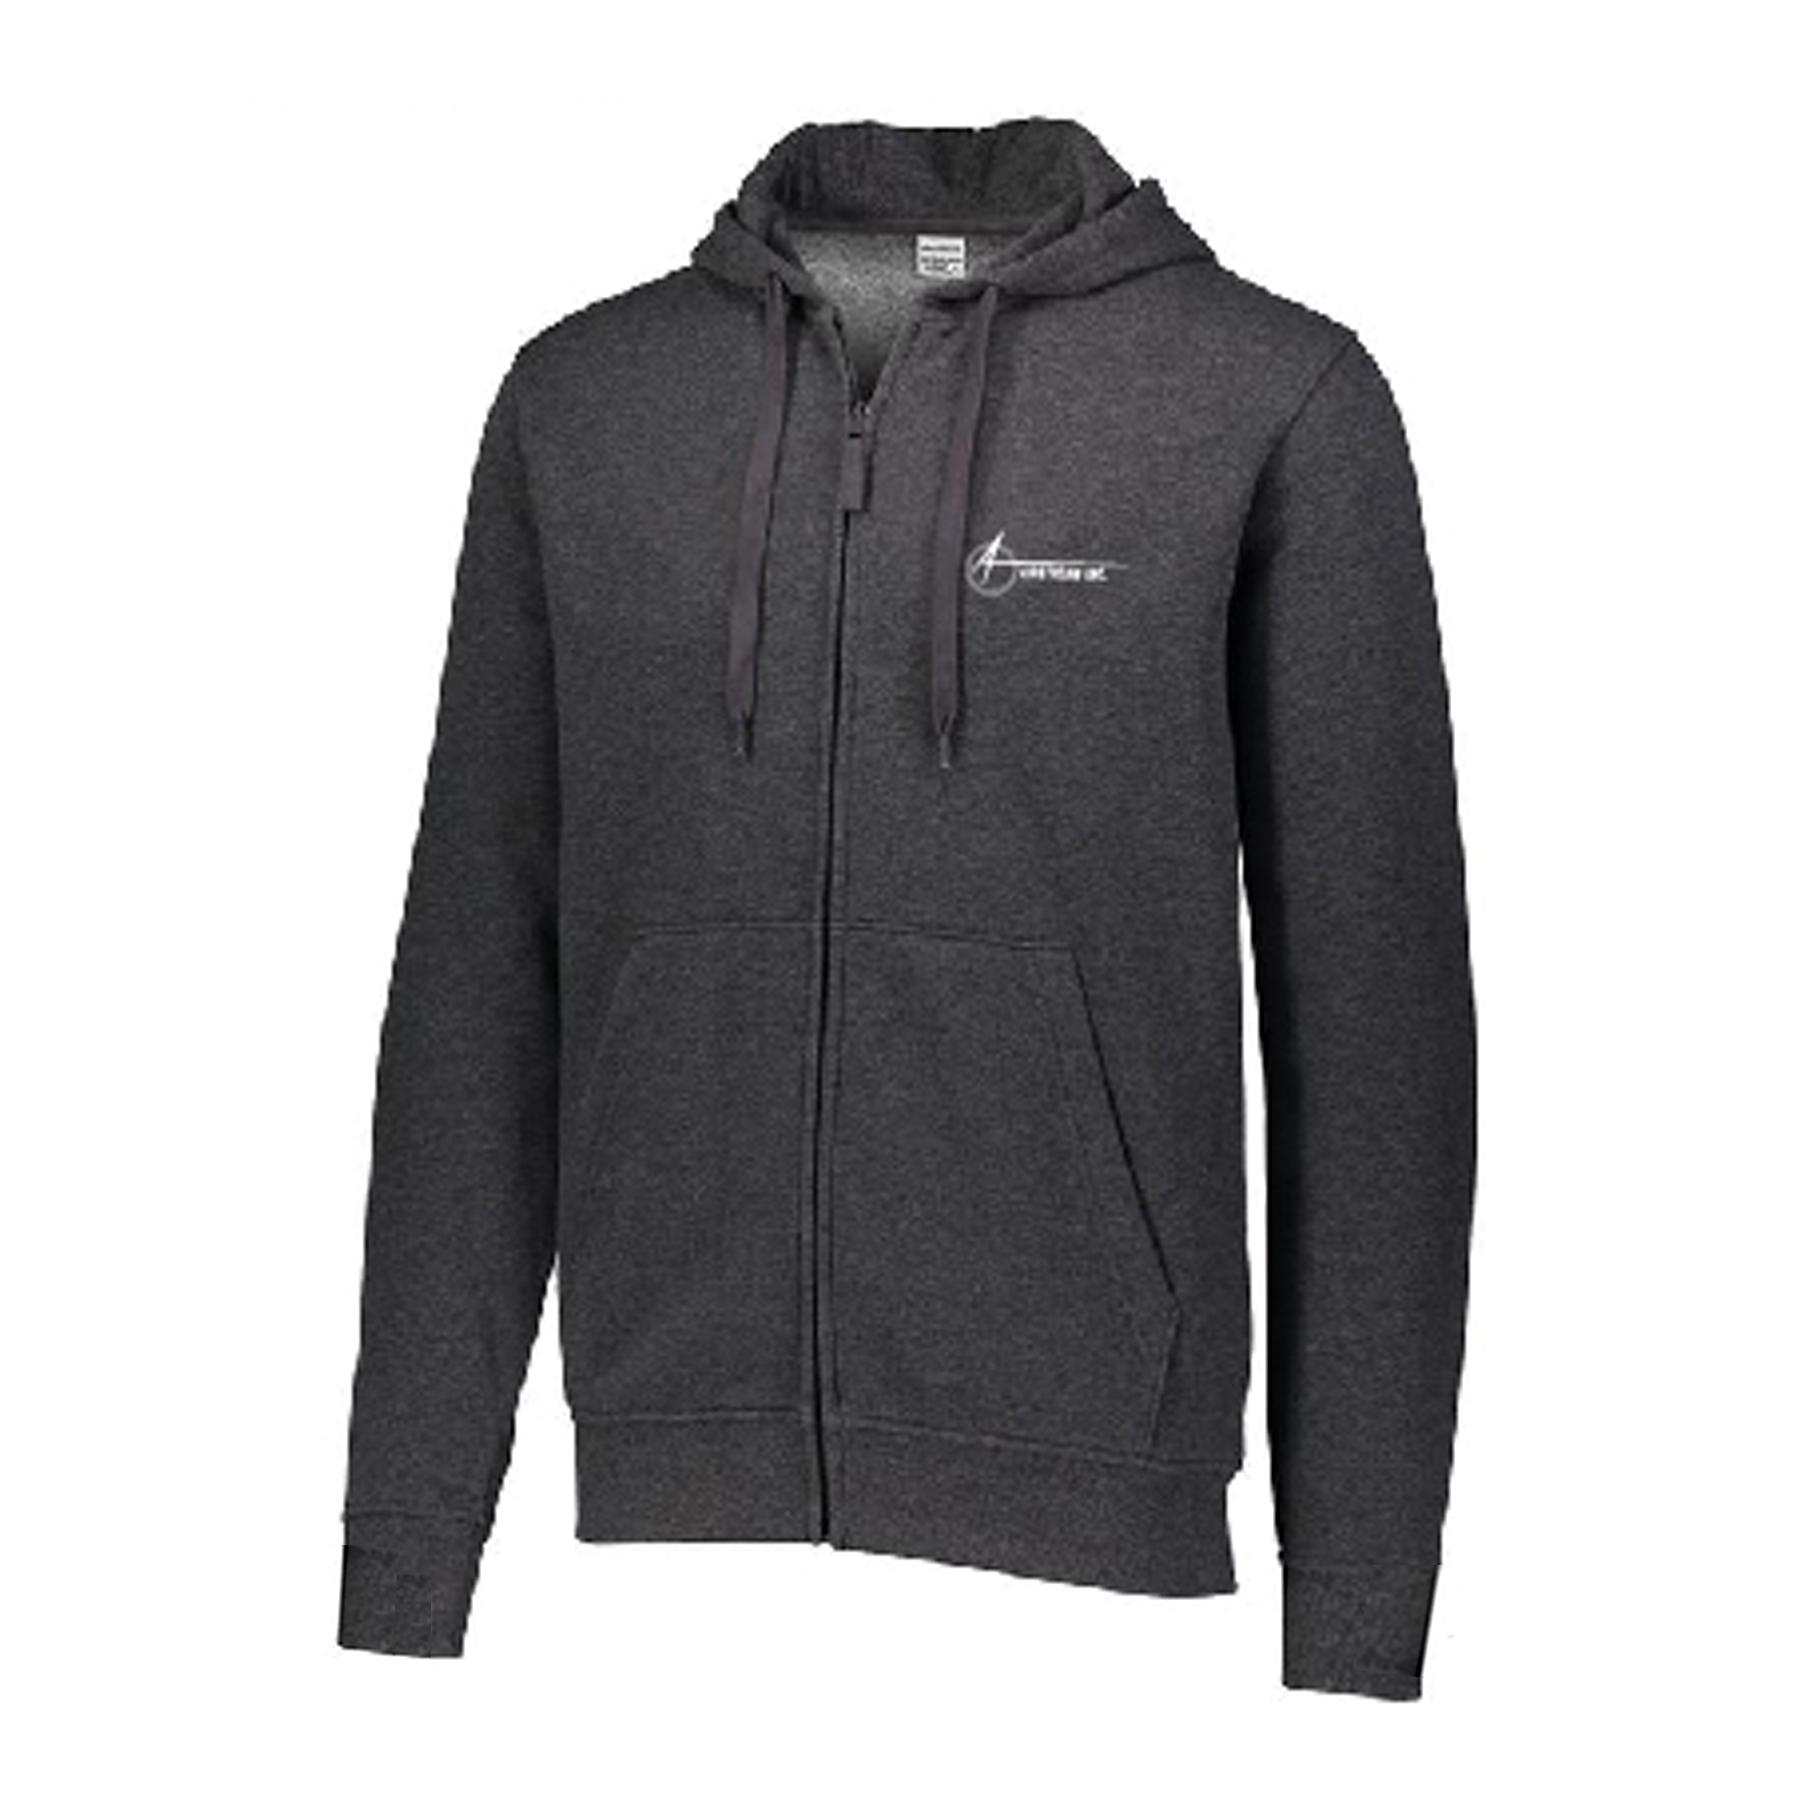 augusta mens unisex zip hoodie